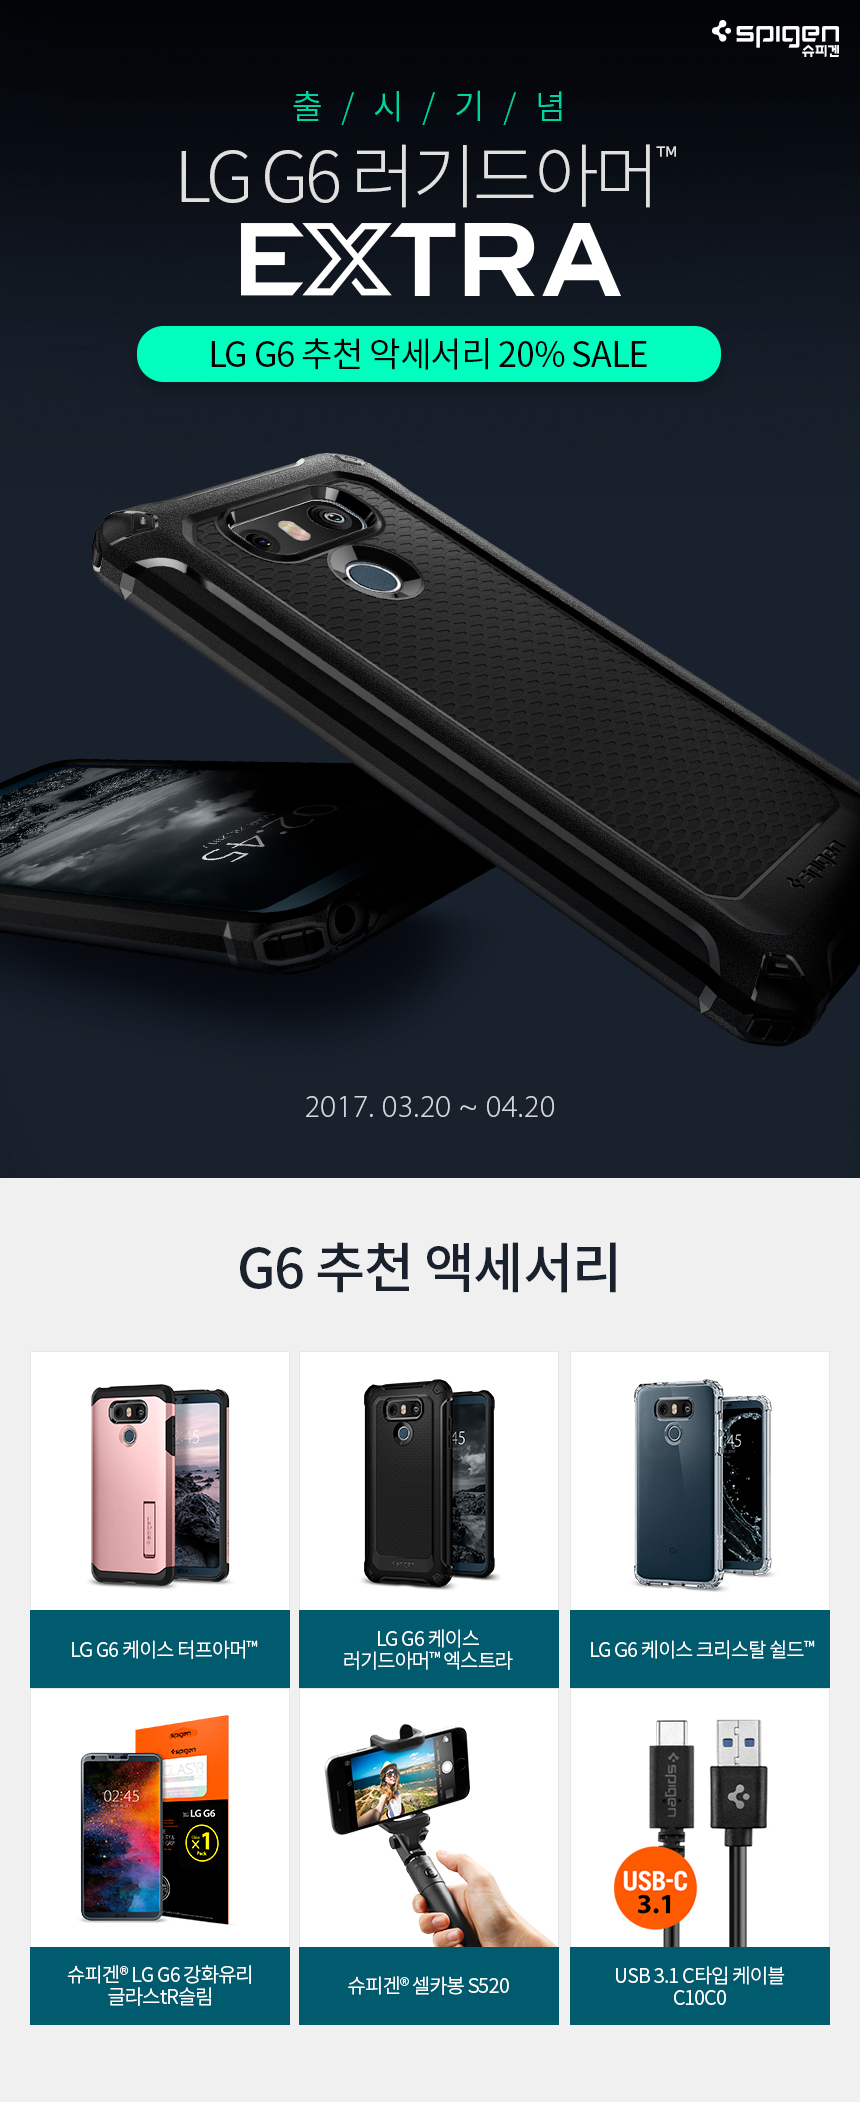 LG G6 이벤트